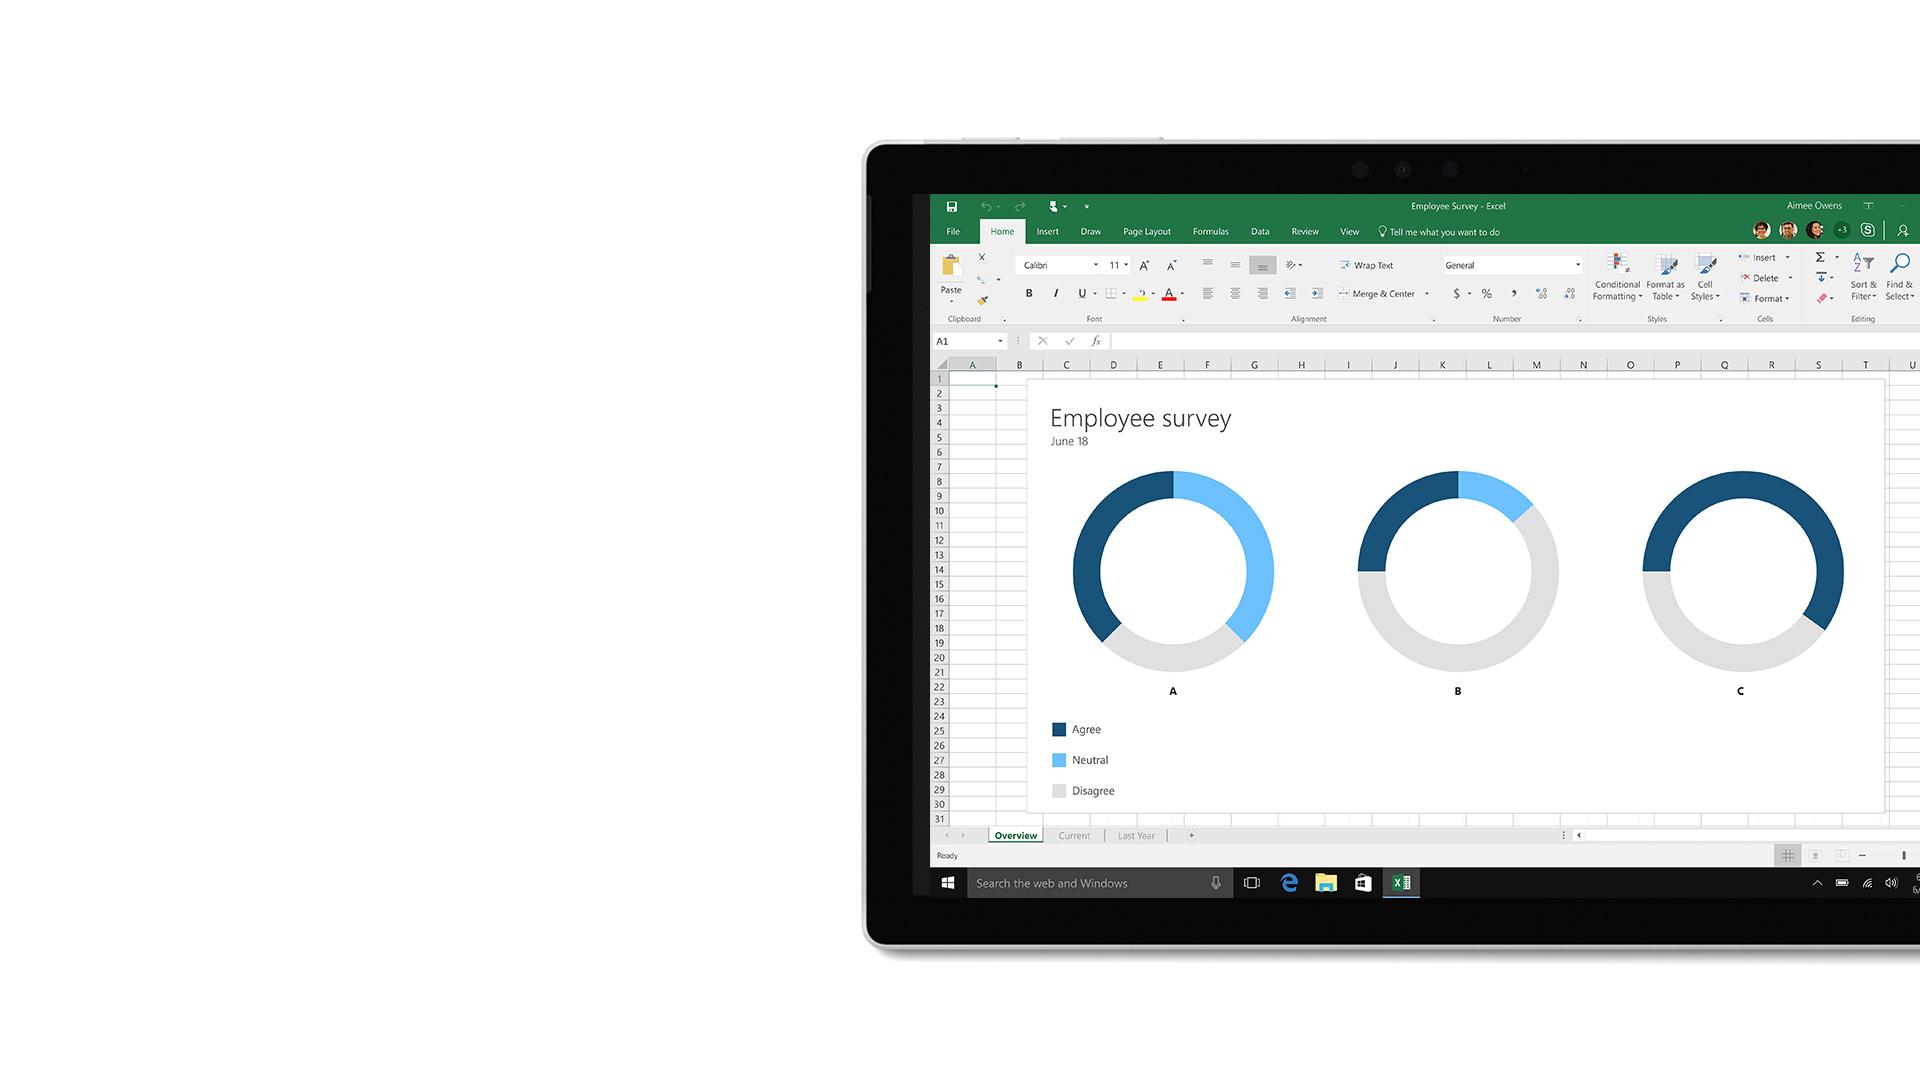 صورة واجهة المستخدم في Microsoft Excel